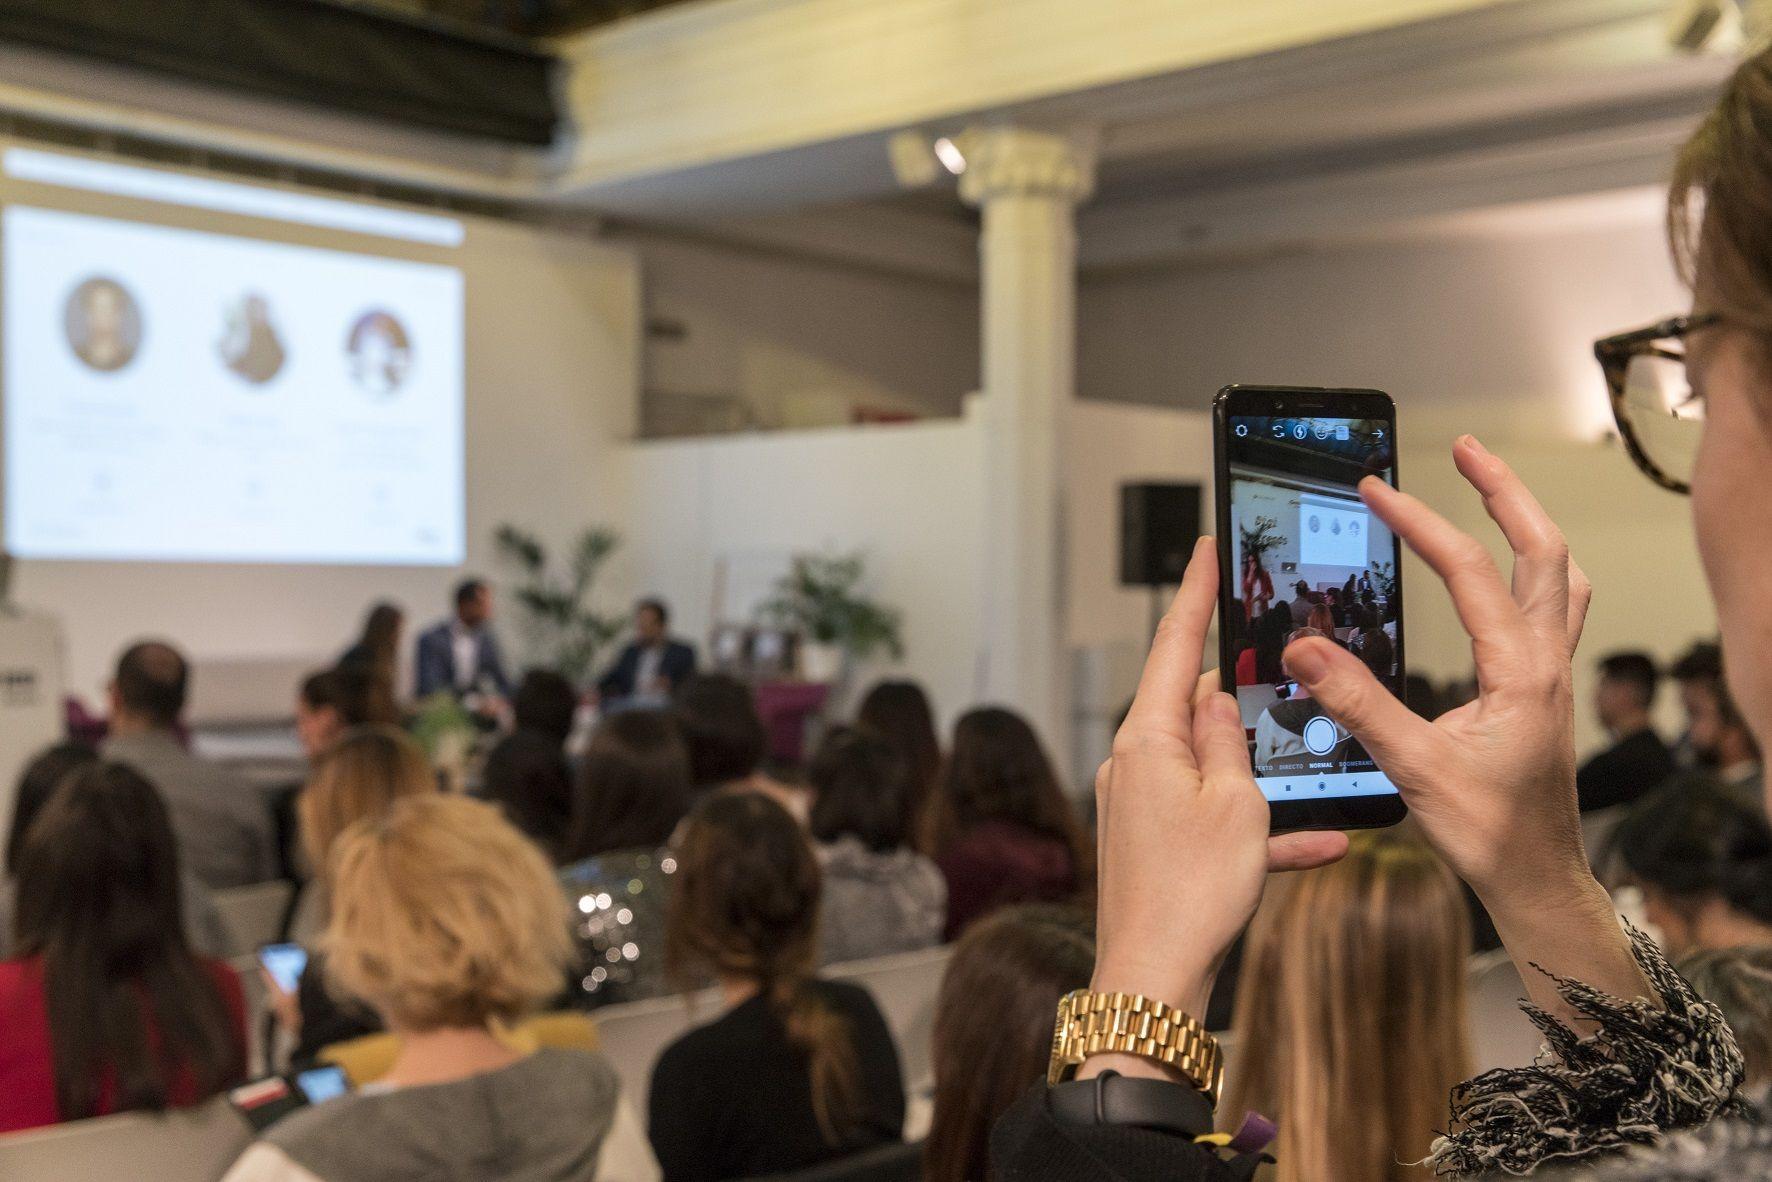 Ecobrands, una cita con la sostenibilidad y el marketing con influencers, en IED Madrid